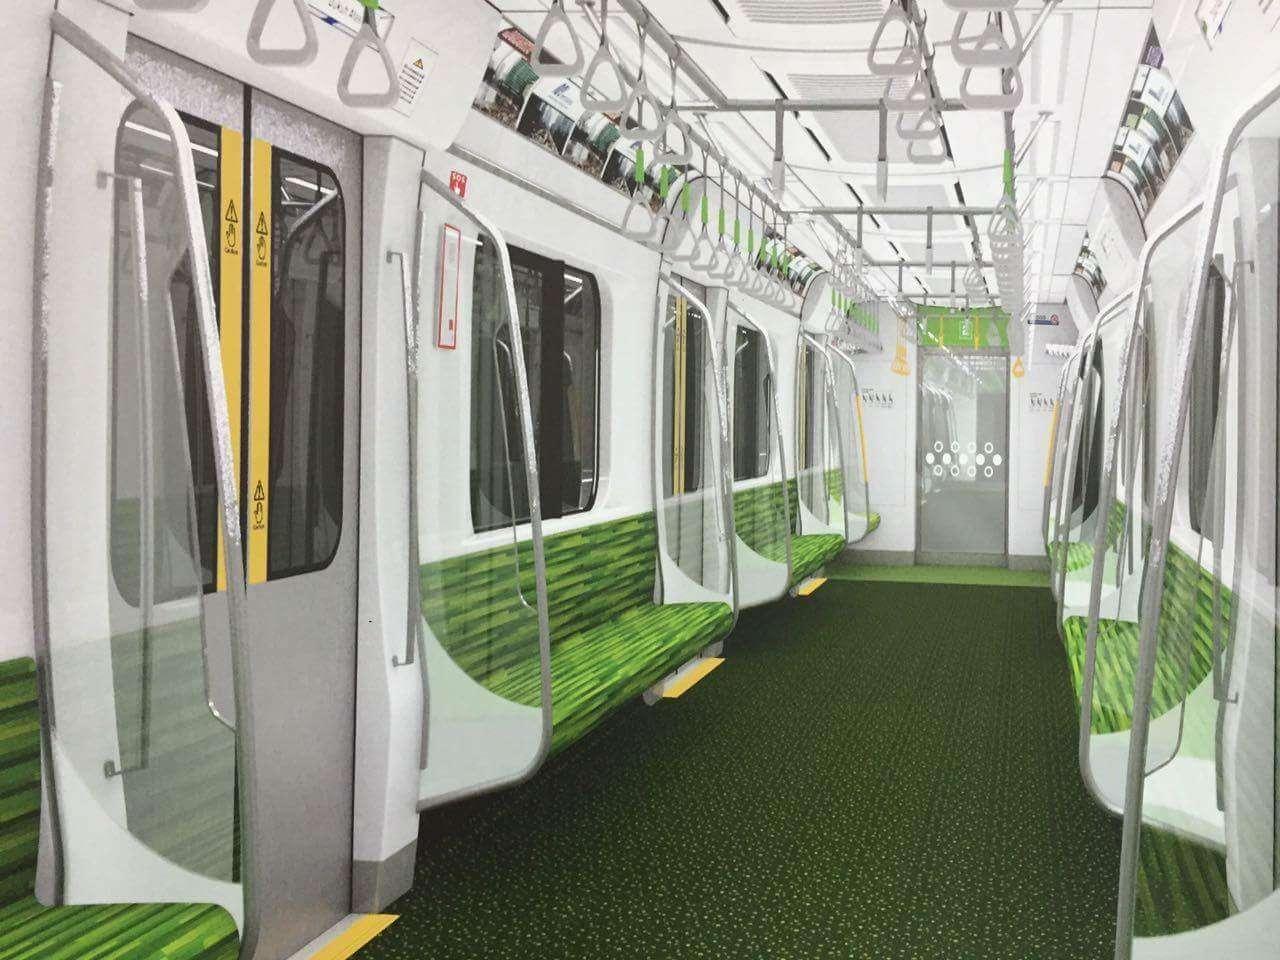 Gambar 7: Interior Kereta MRT